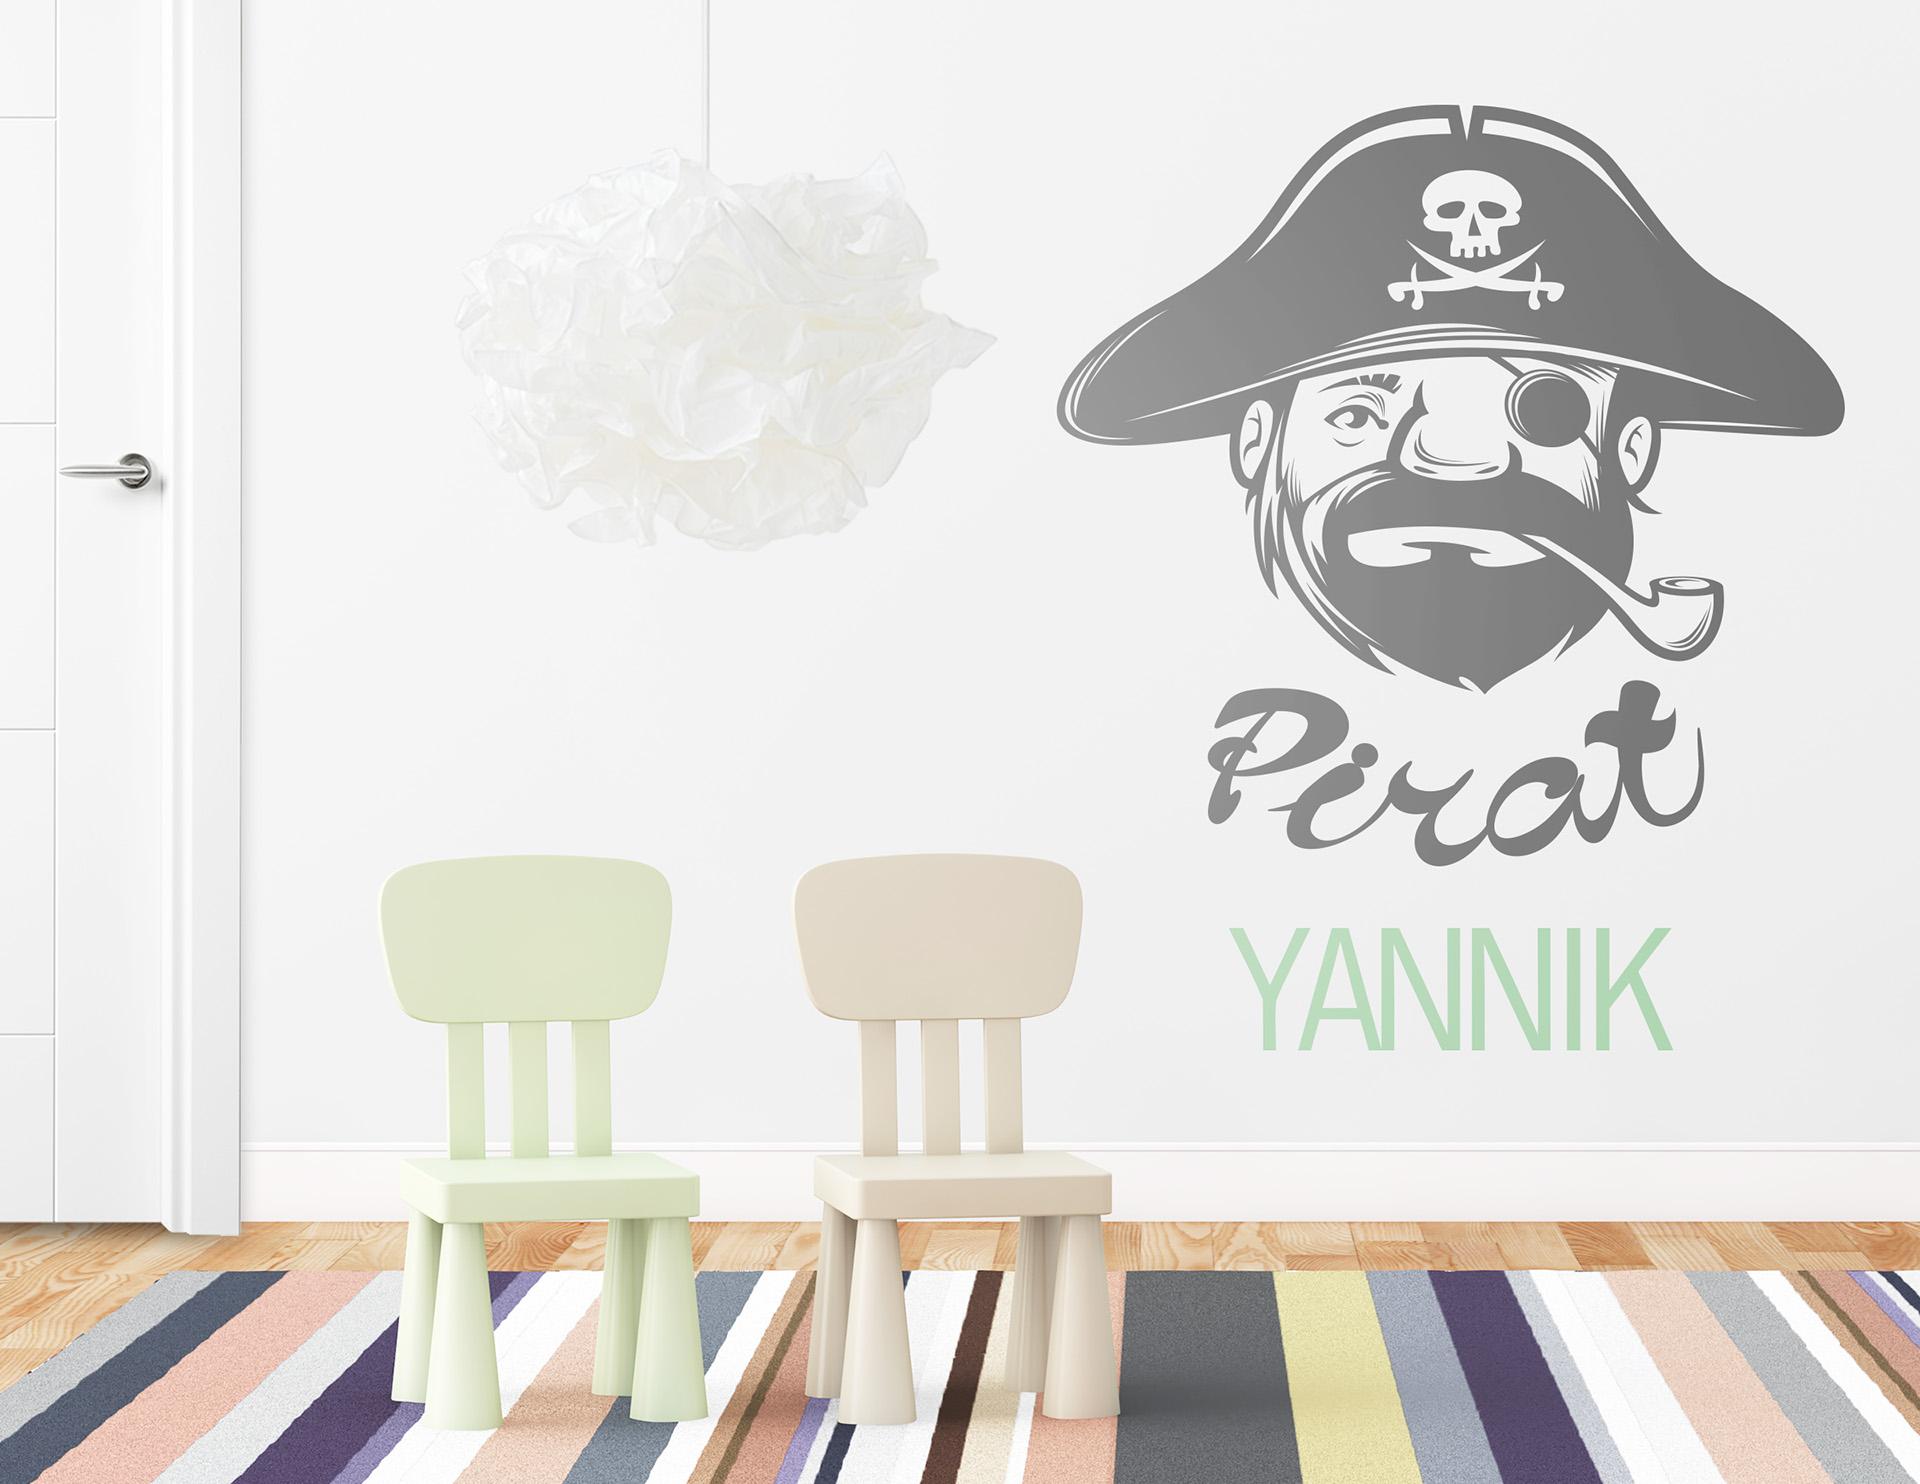 Wunderbar Piraten Wandtattoo Galerie Von